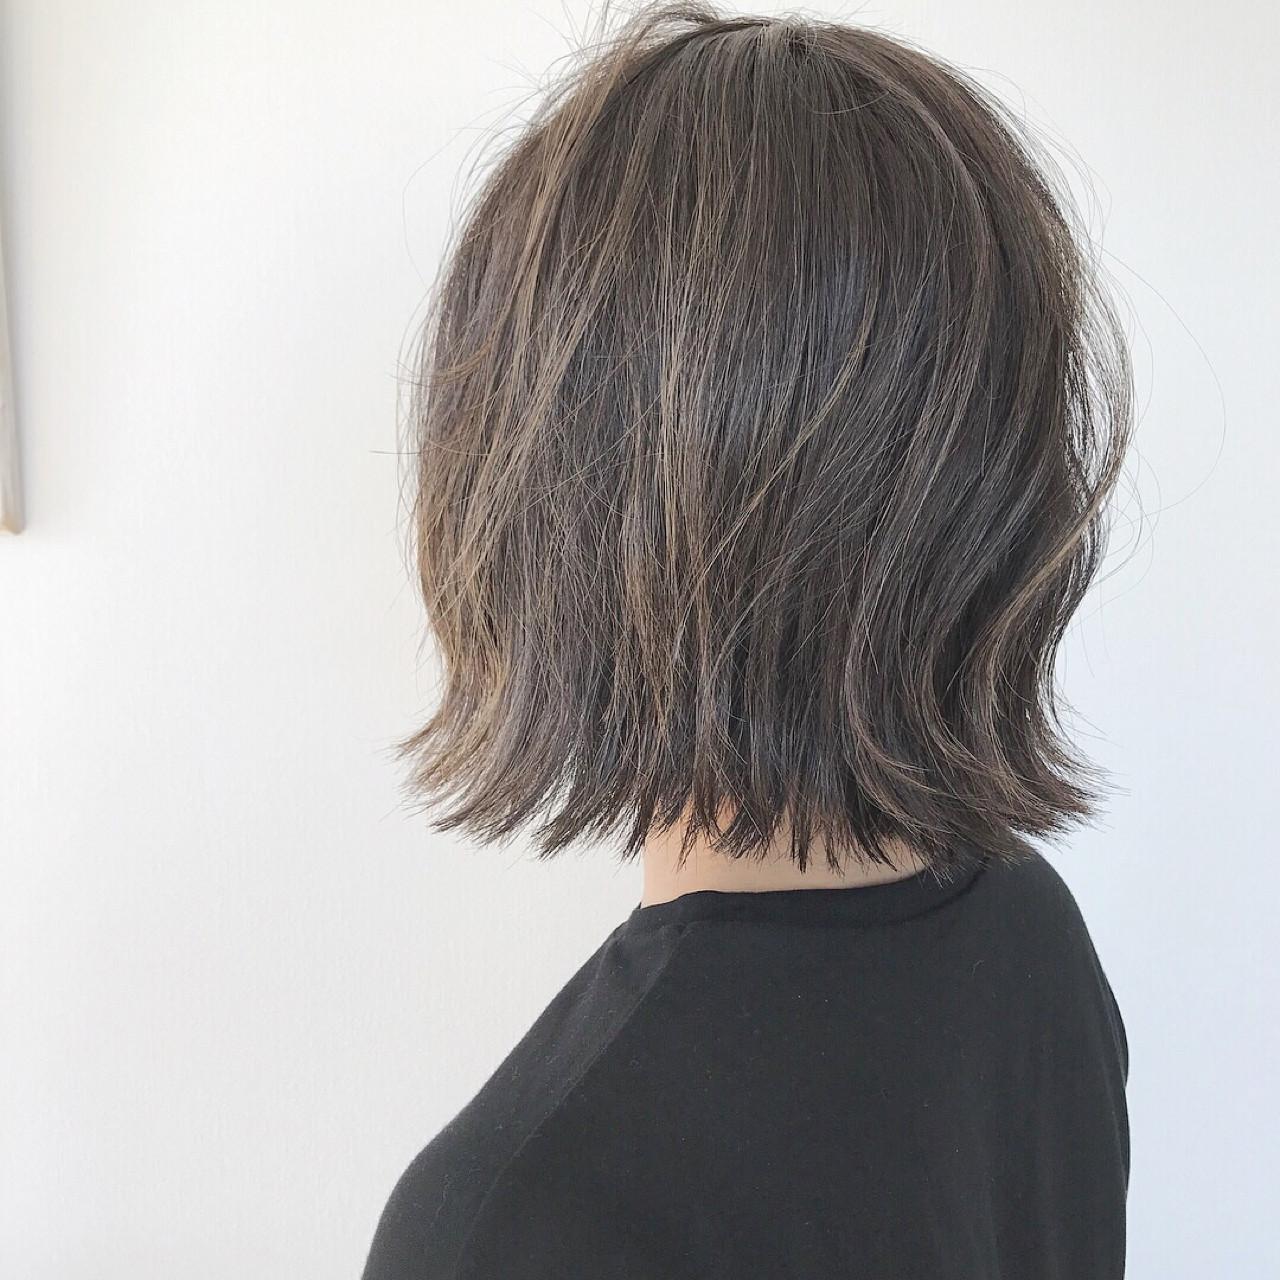 ナチュラル ハイライト ボブ アッシュグレージュヘアスタイルや髪型の写真・画像